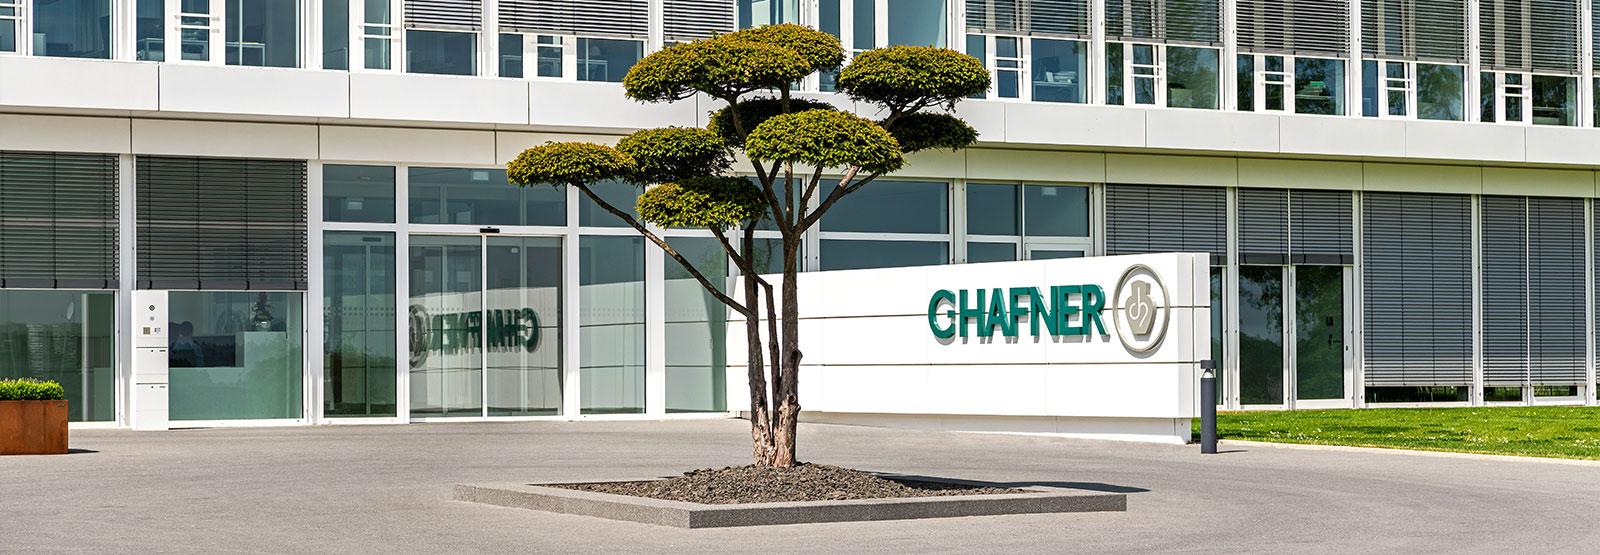 Gebäudebild der Firma C.Hafner